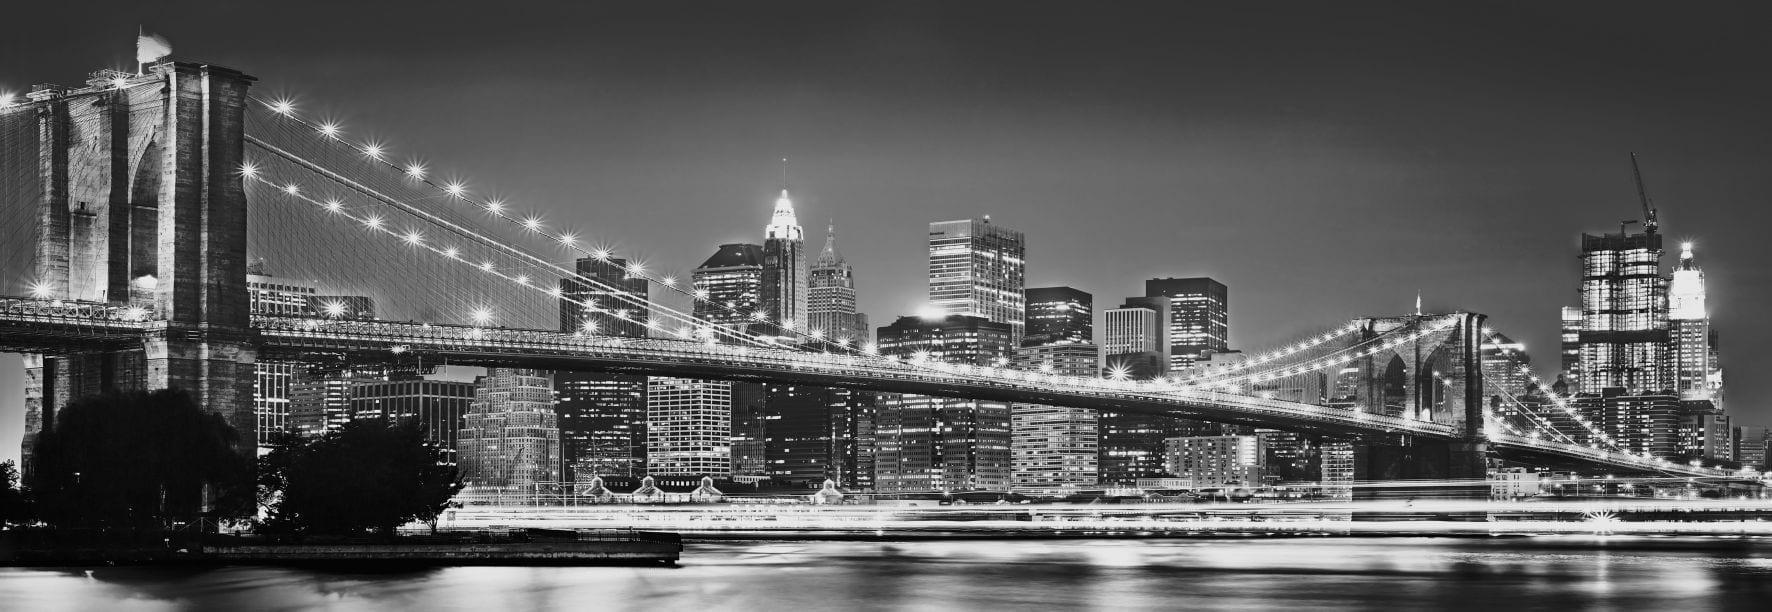 Fotomural Puente Brooklyn 4320 Komar